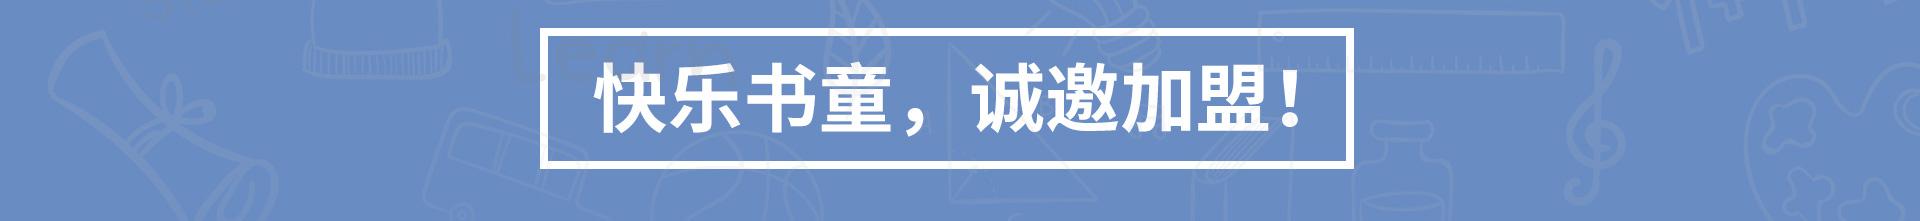 快乐书童阅读馆PC-快乐书童-许小琥_24